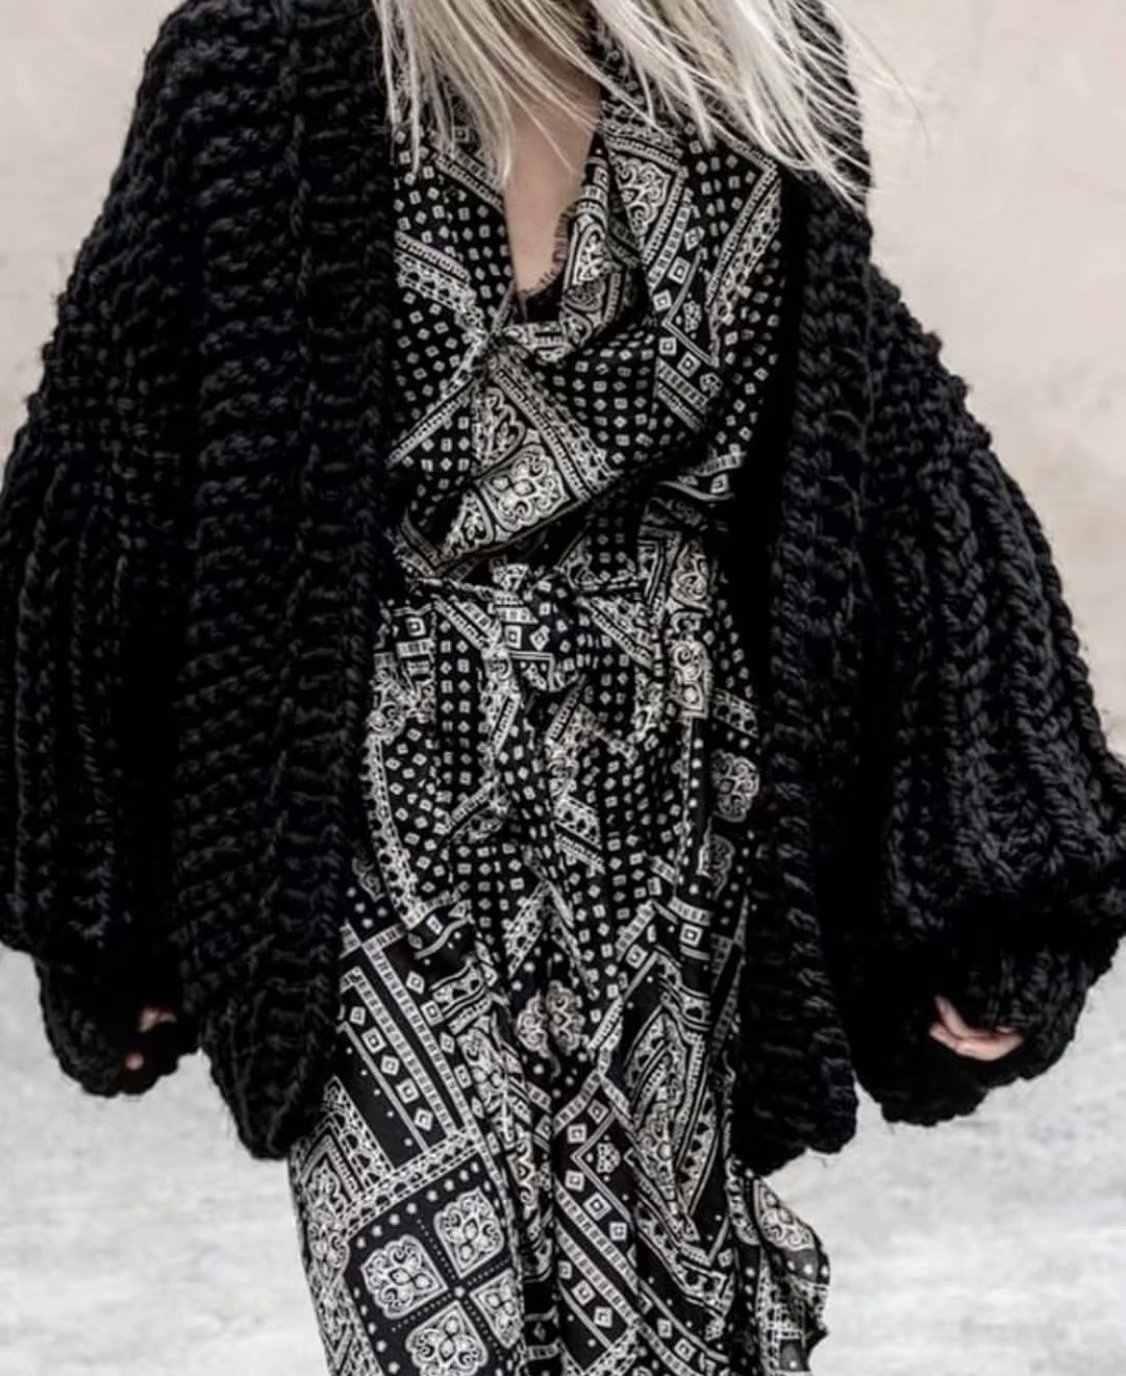 DUOUPA для женщин Мода корейский Американский длинные фонари рукавом Вязание женский свитер кардиган трикотажные повседневное теплый кардиган шаль